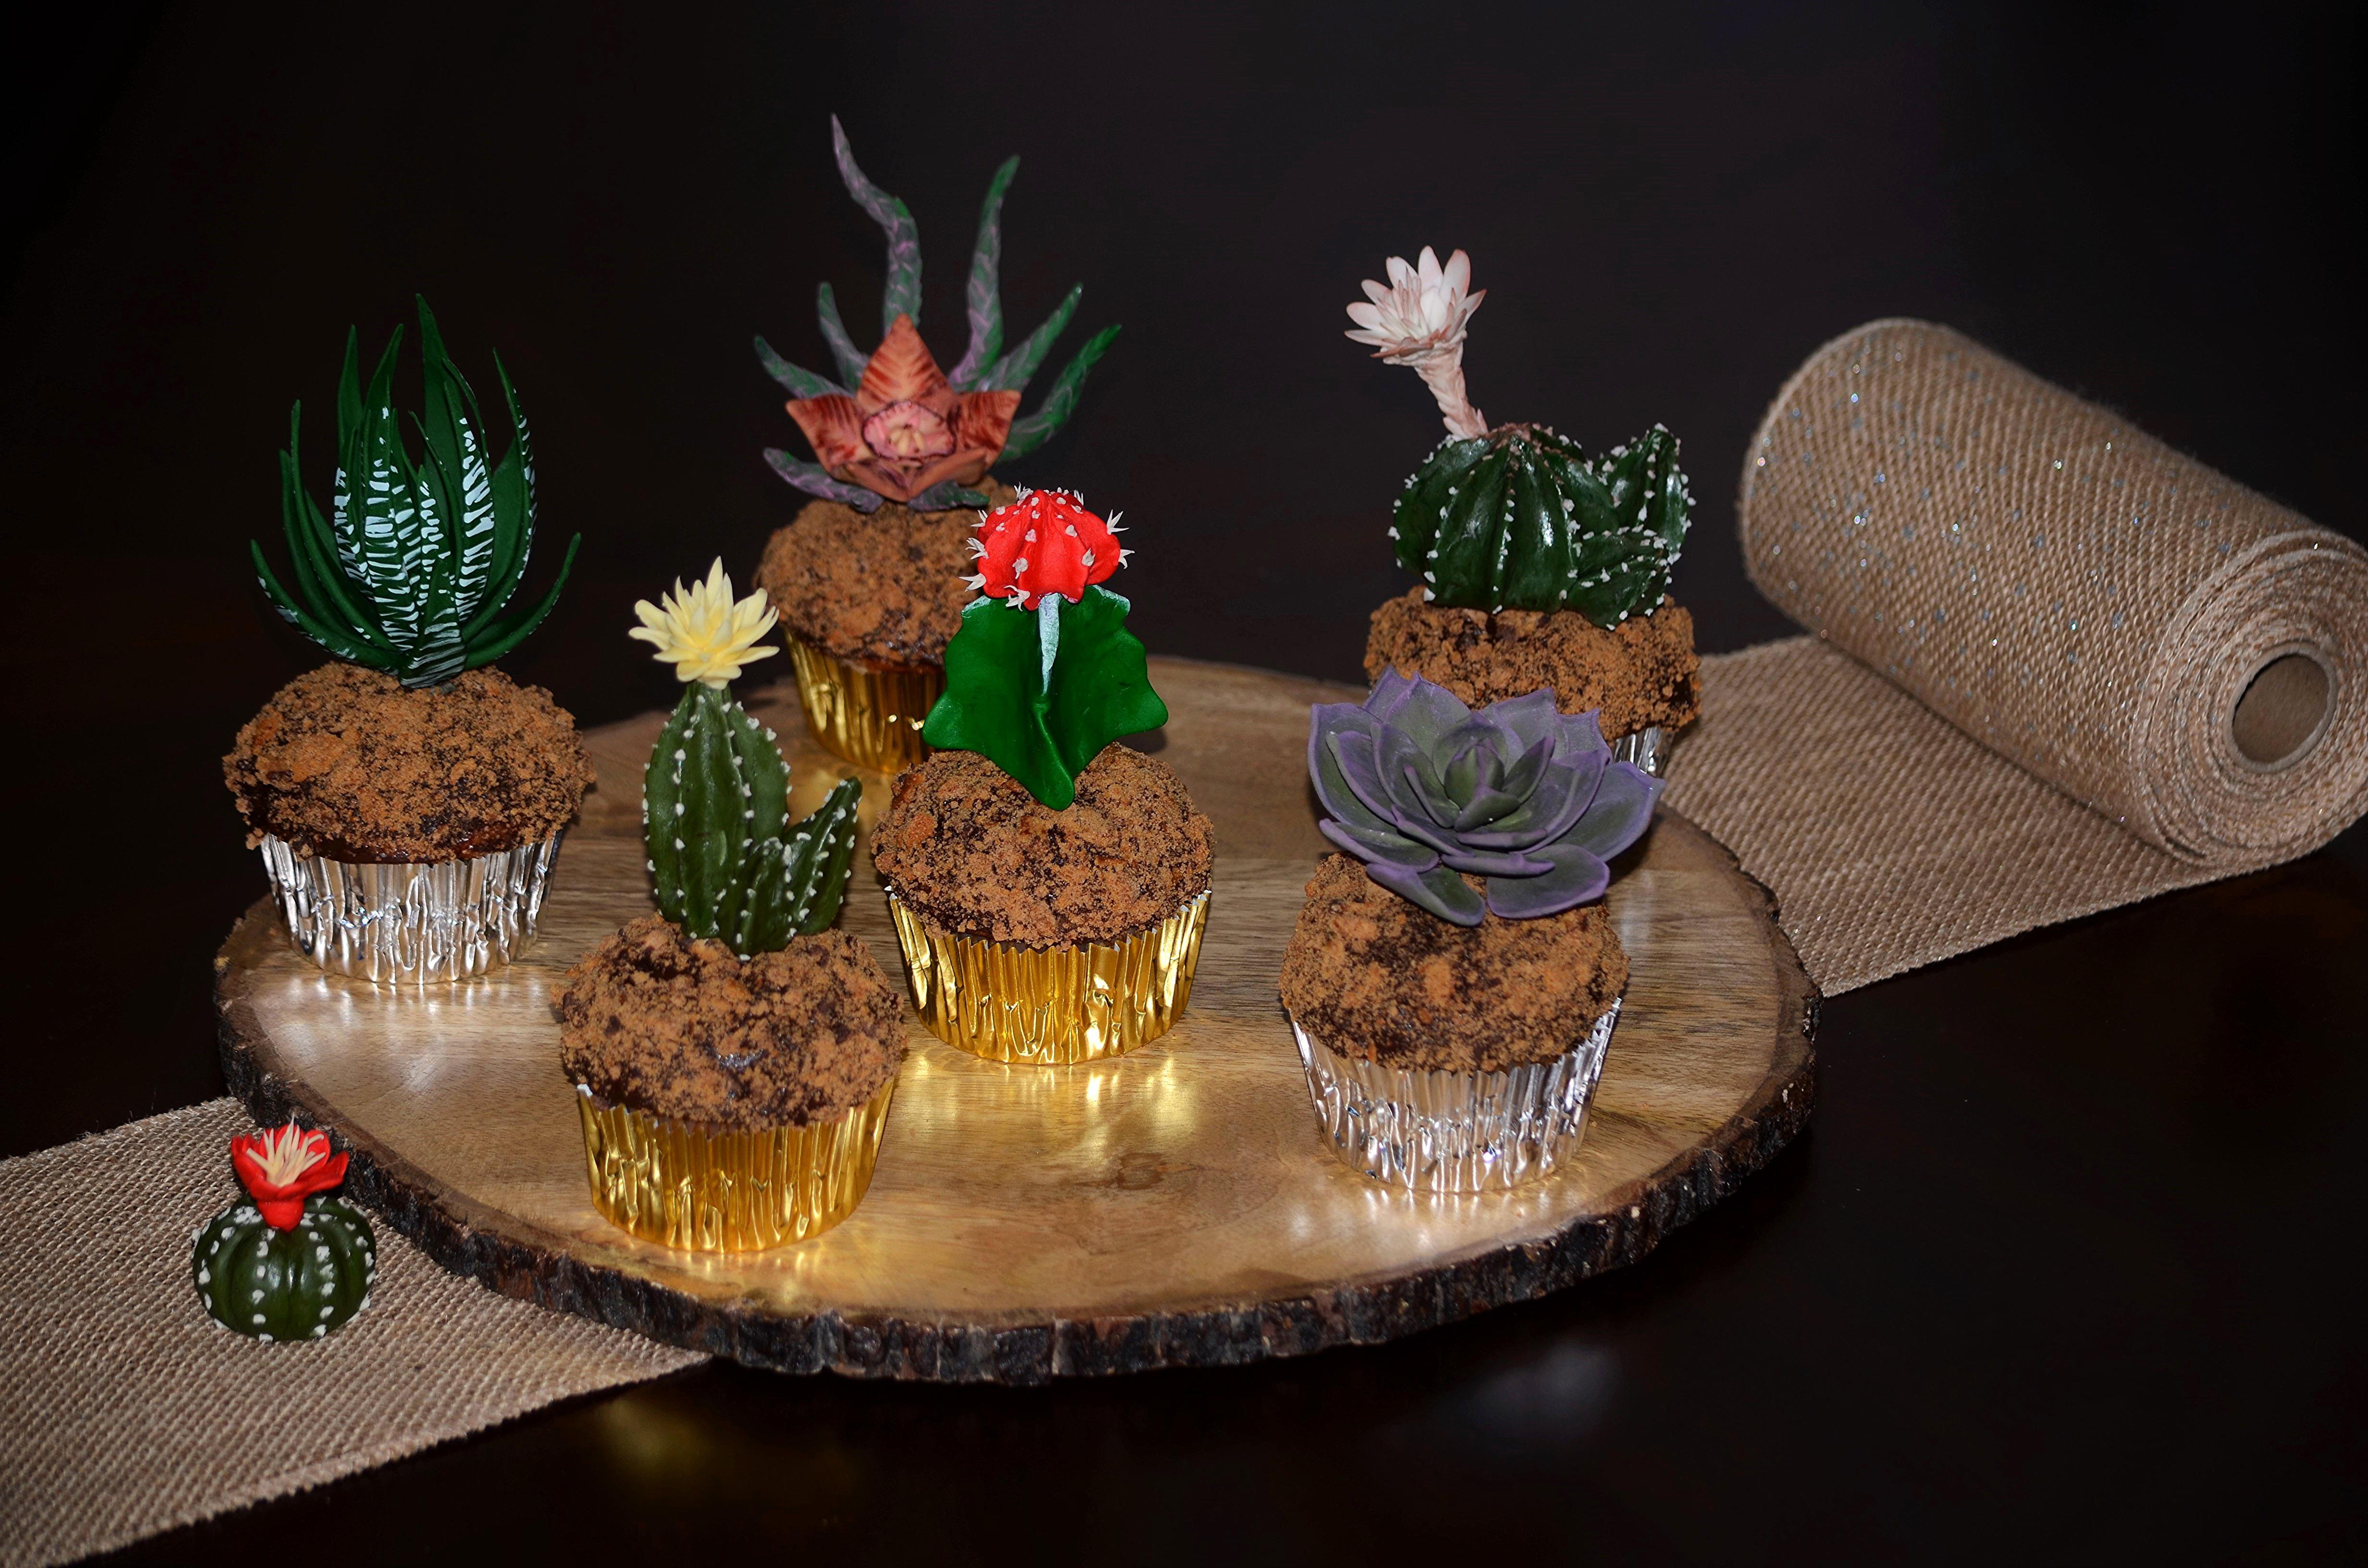 Фото Кактусы Продукты питания Пирожное сладкая еда дизайна 4928x3264 Еда Пища Сладости Дизайн